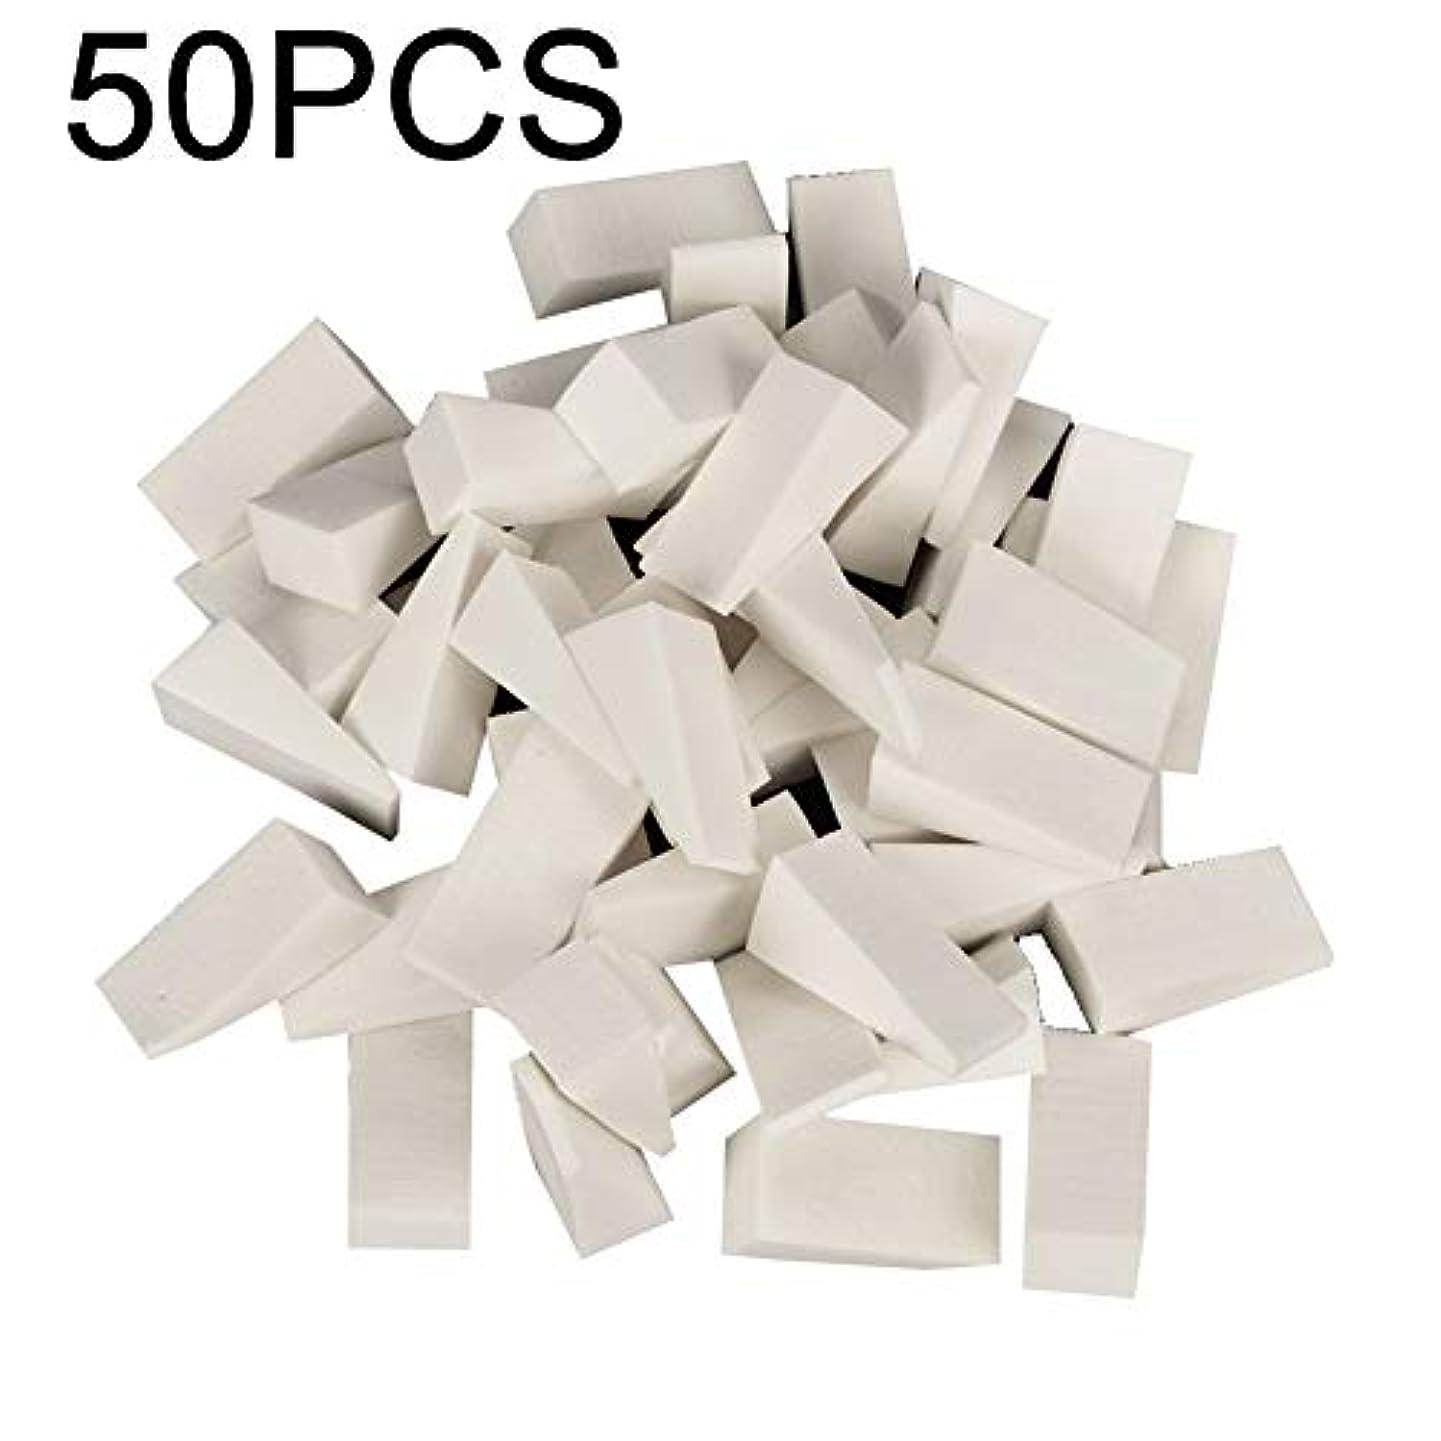 放映地域環境に優しいhamulekfae-50個使い捨てソフトスポンジネイルスタンパーグラデーションカラーリングマニキュアツールシール